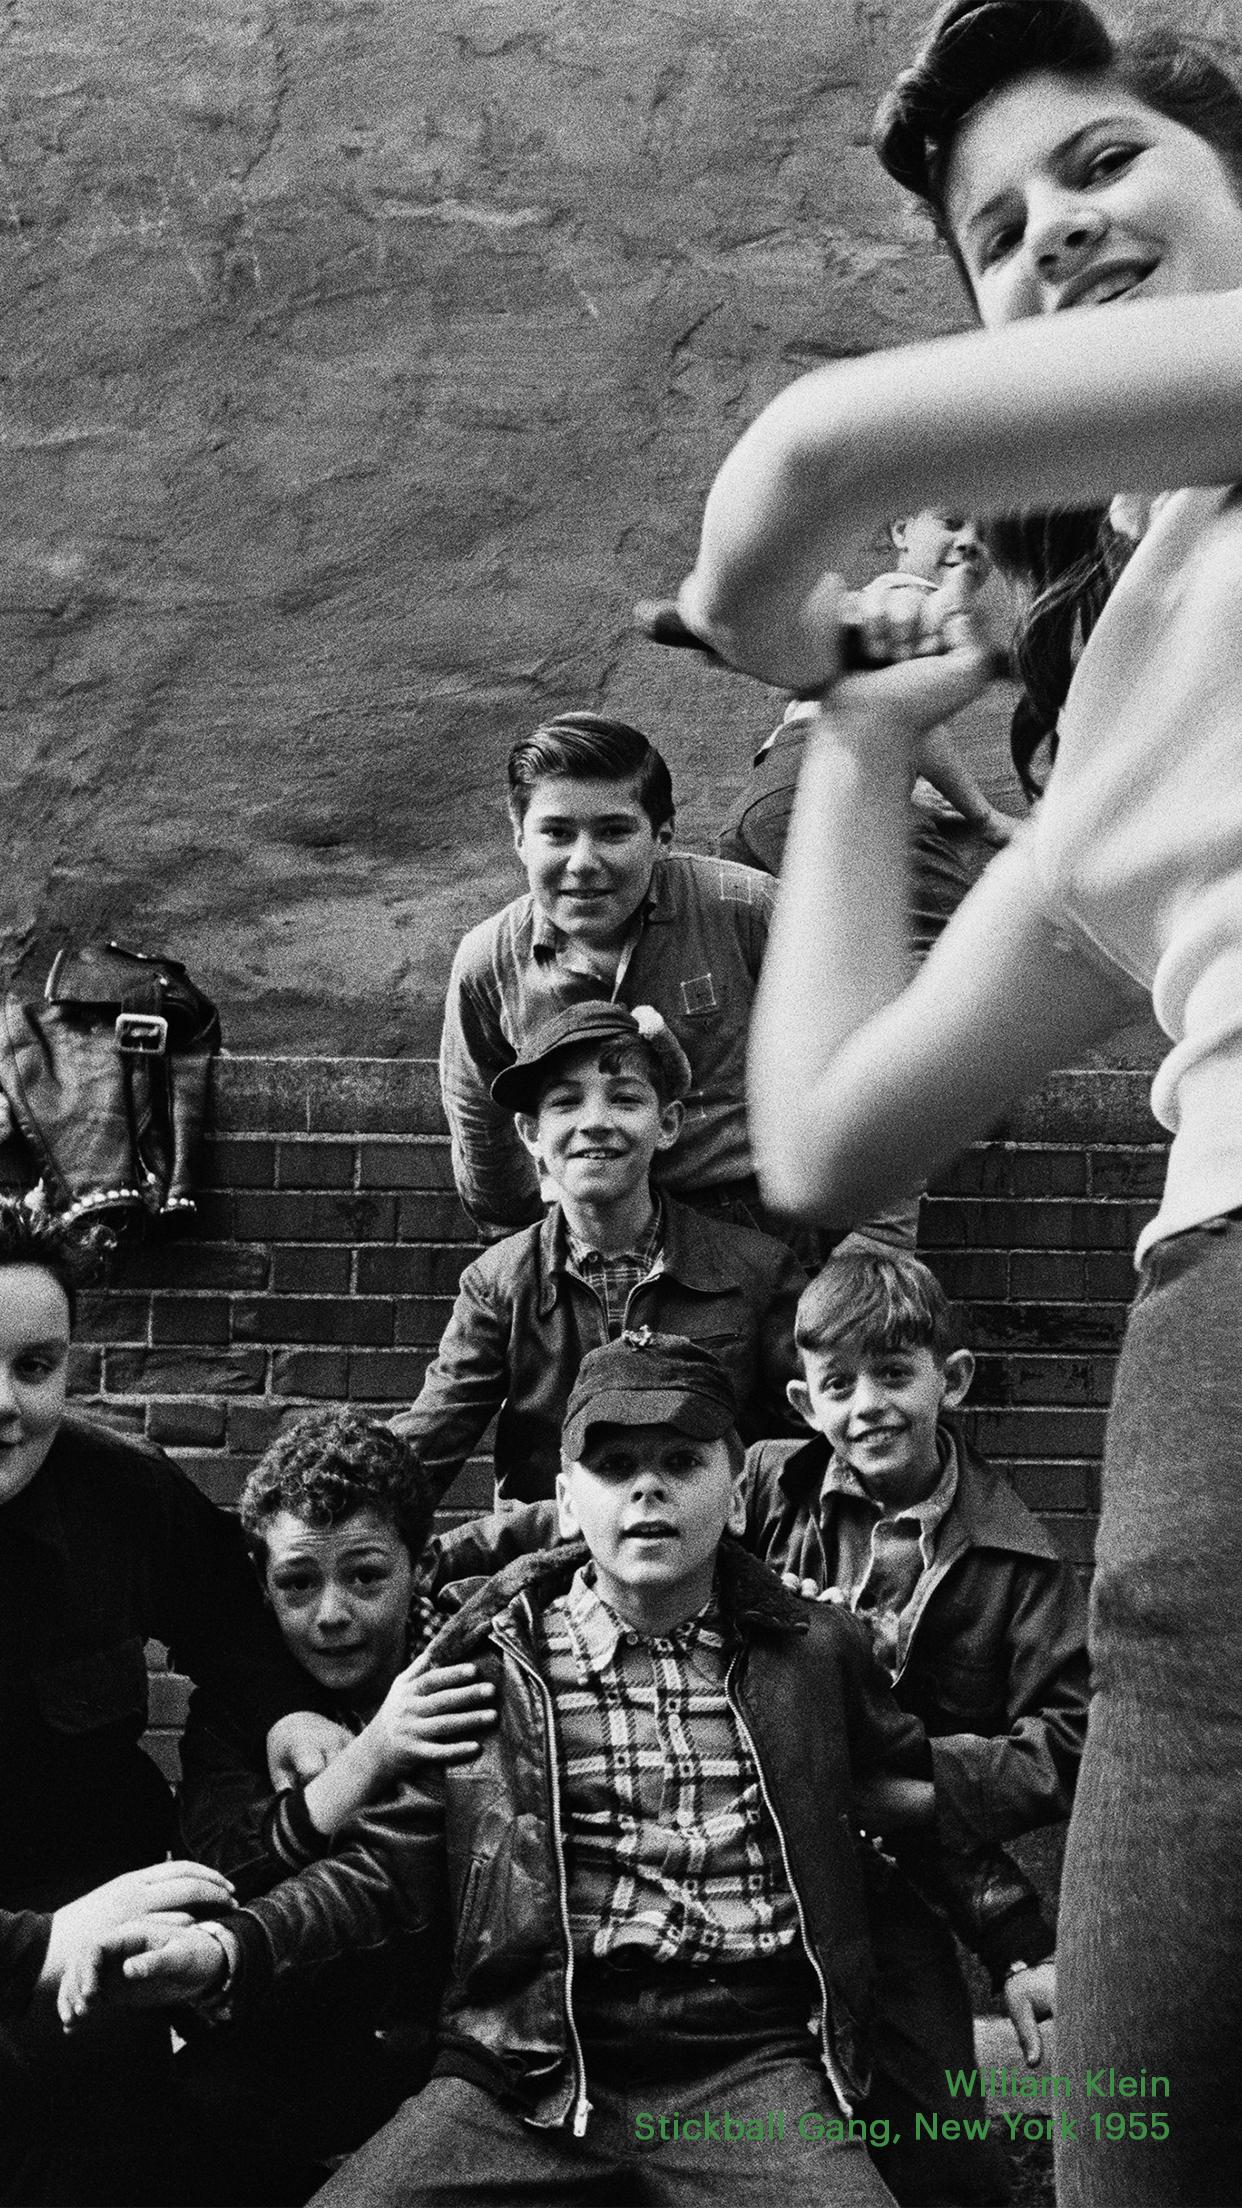 Casa, William Klein's 1955 work Stickball Gang, New York